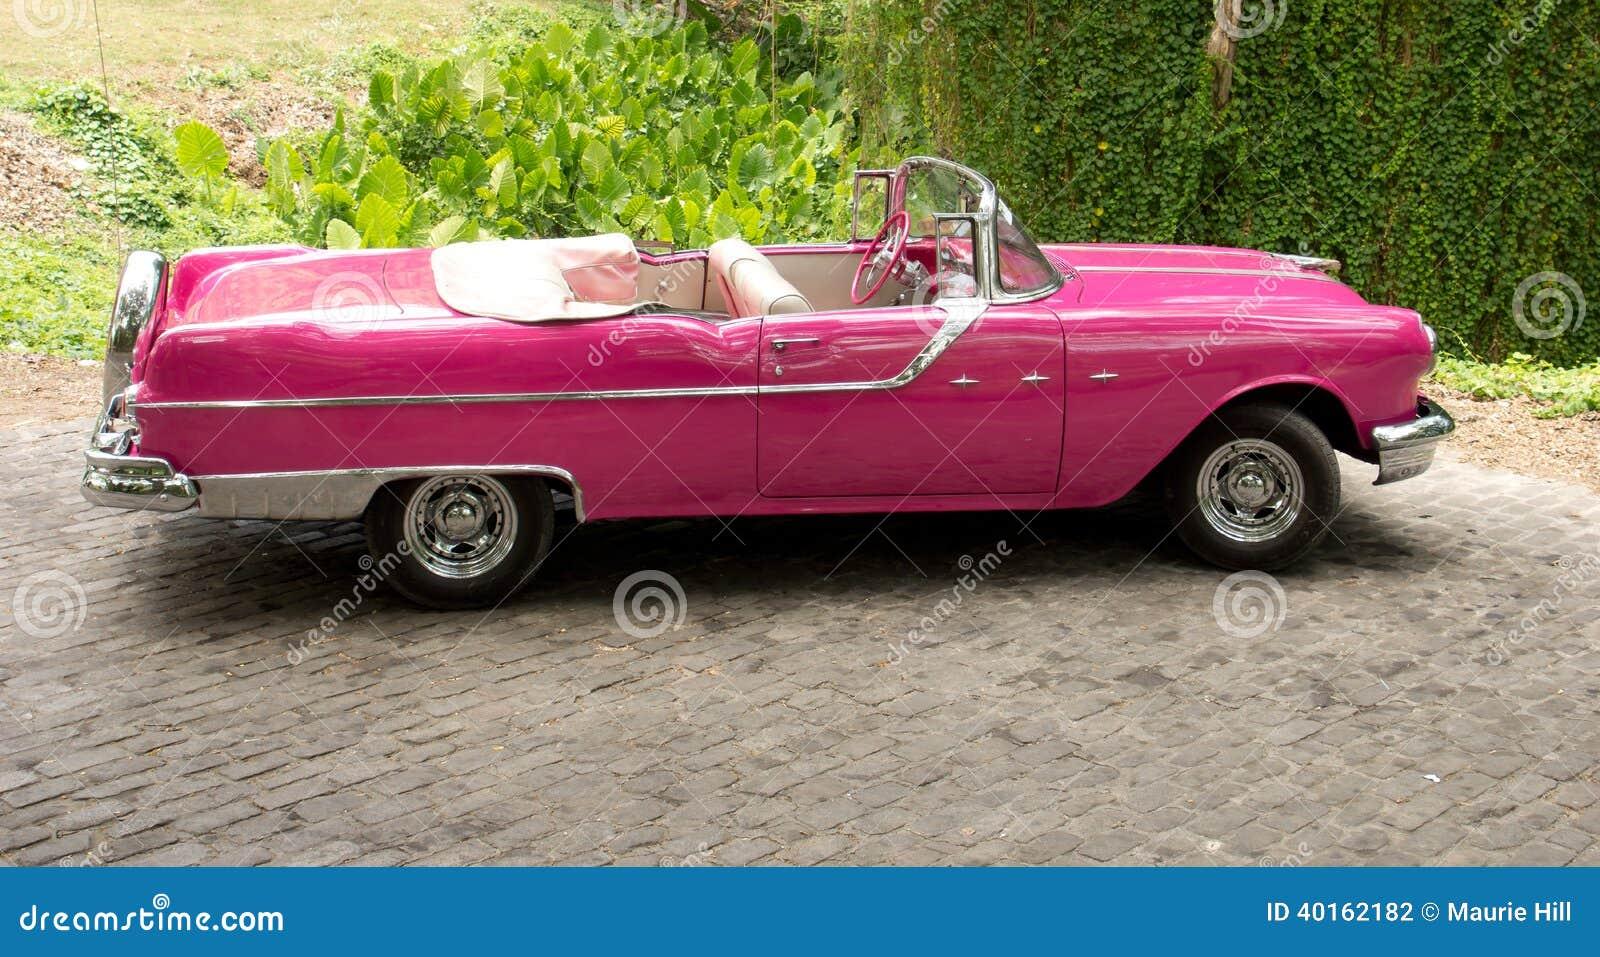 从20游人40女王和20年代50年代的美国汽车是对狮子的一种大吸引力在世纪世纪马蒂陶图片